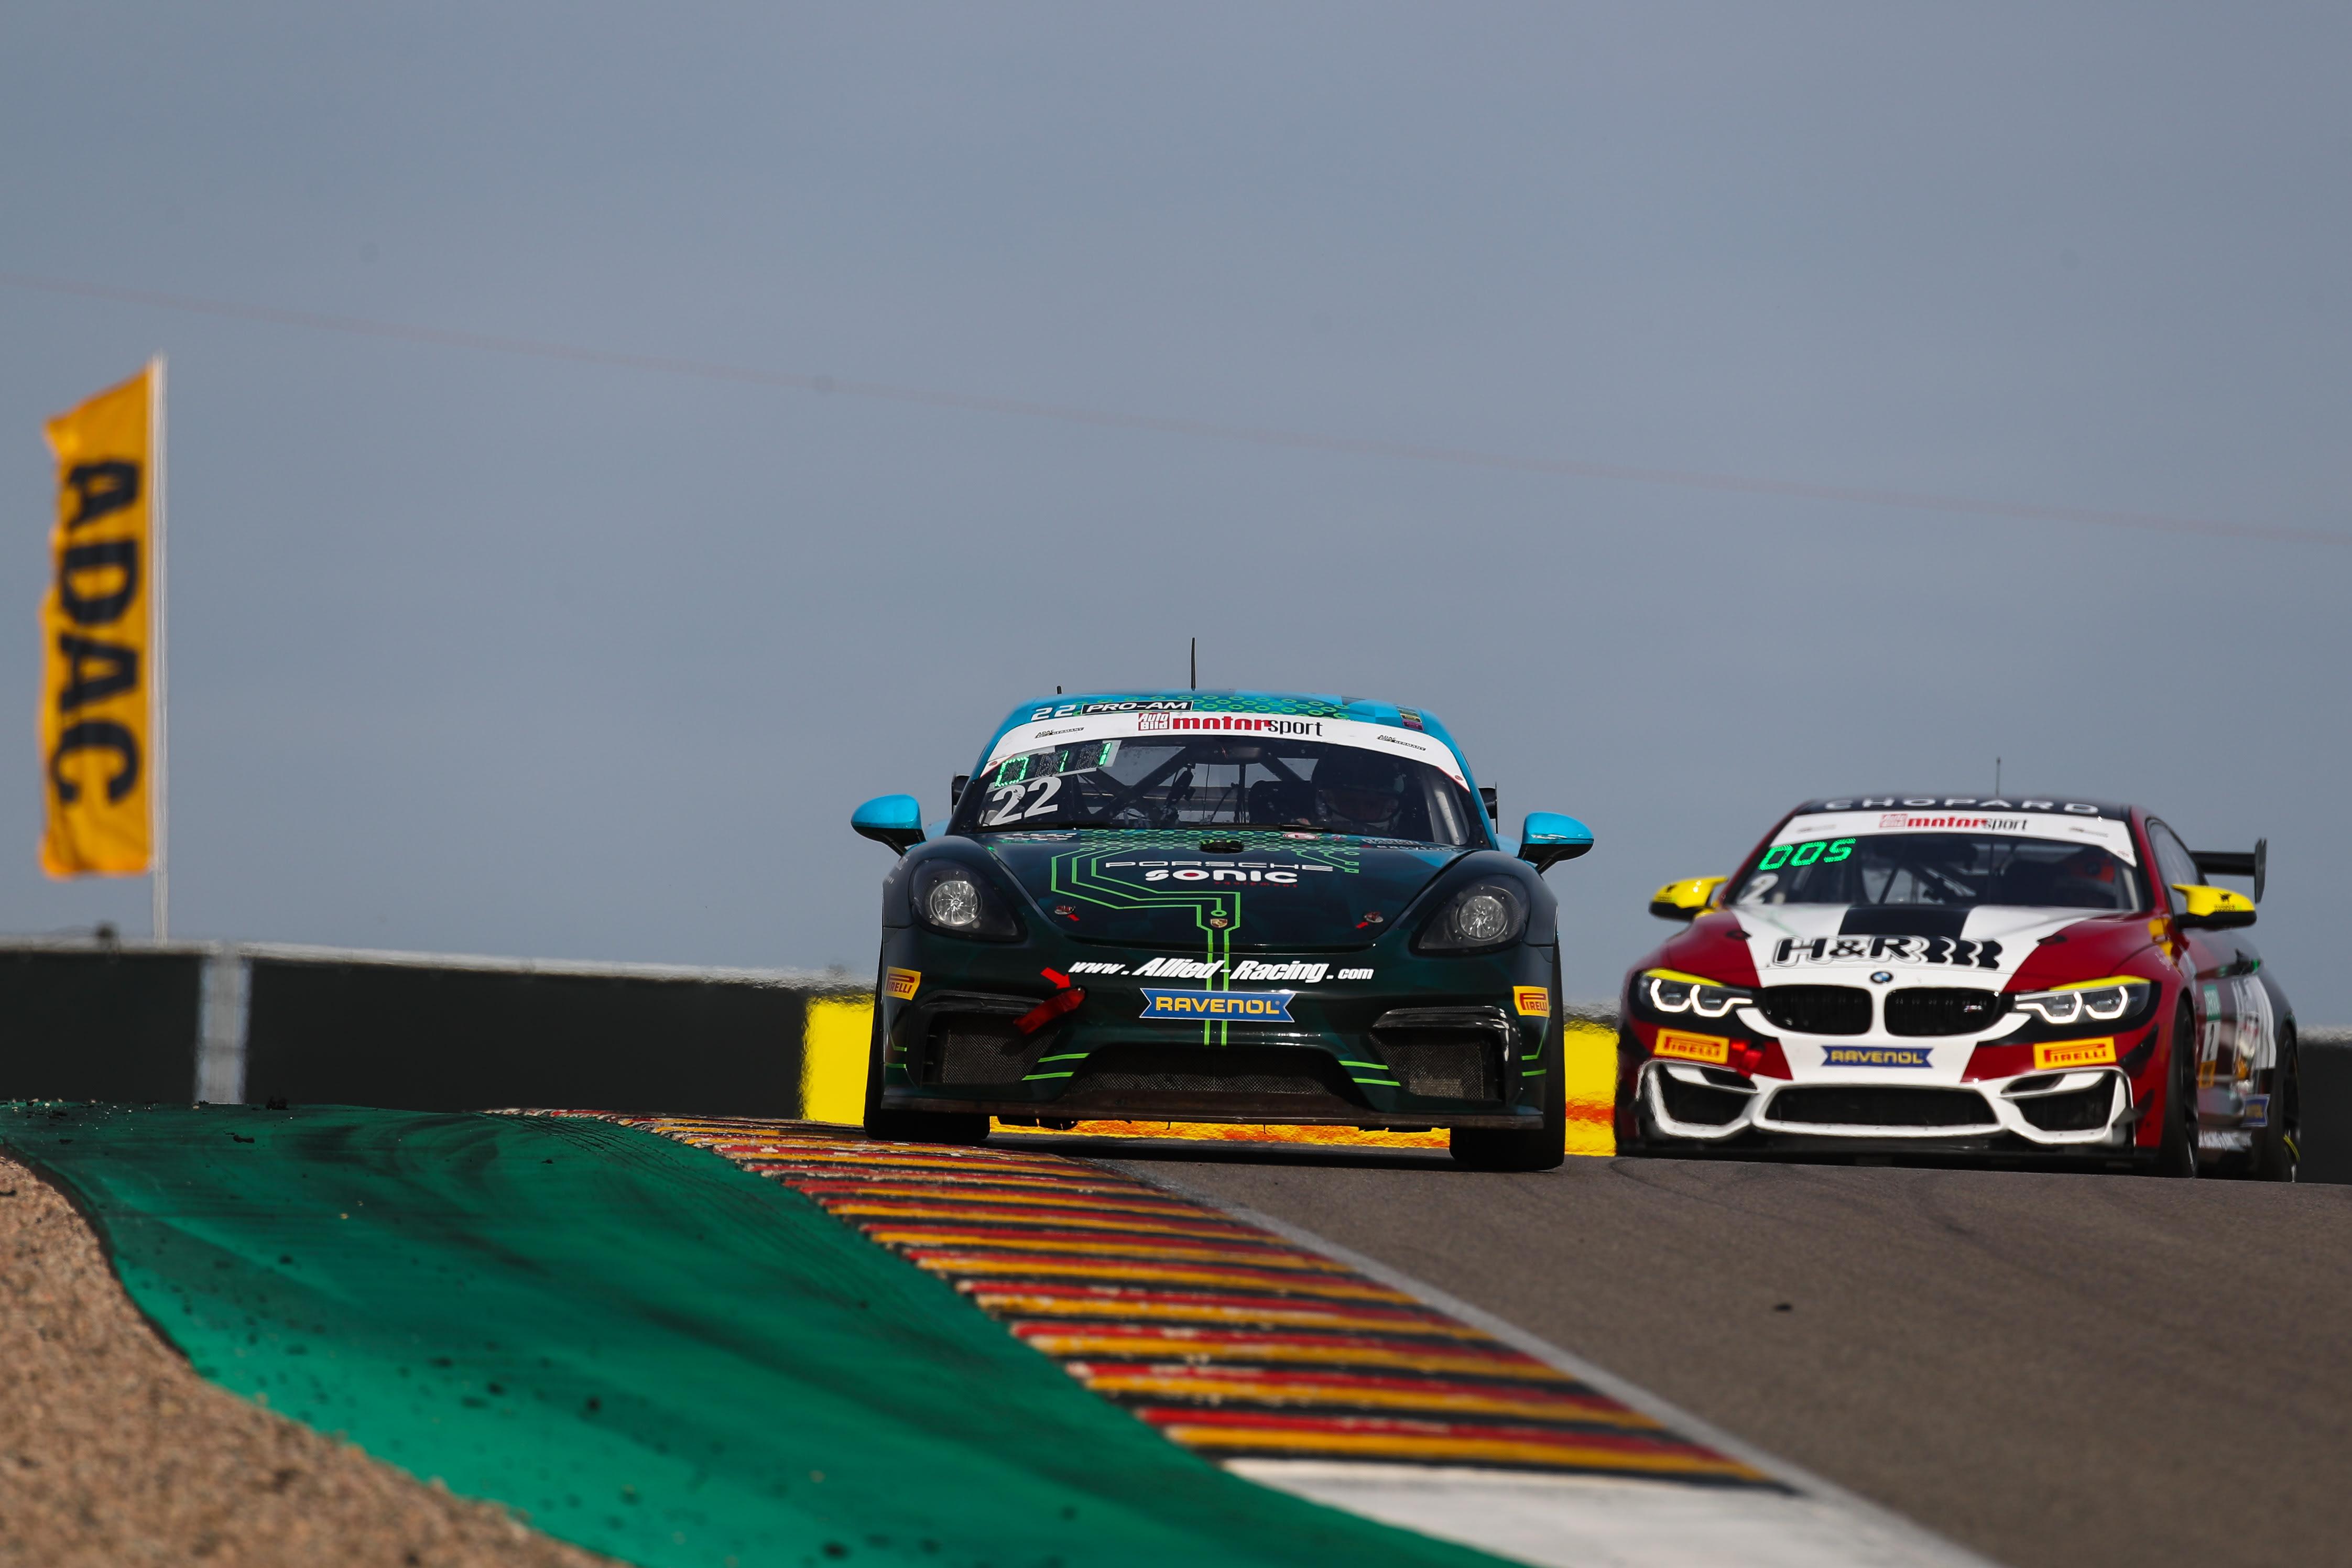 Mission Titelverteidigung: Allied Racing bestätigt erstes Duo